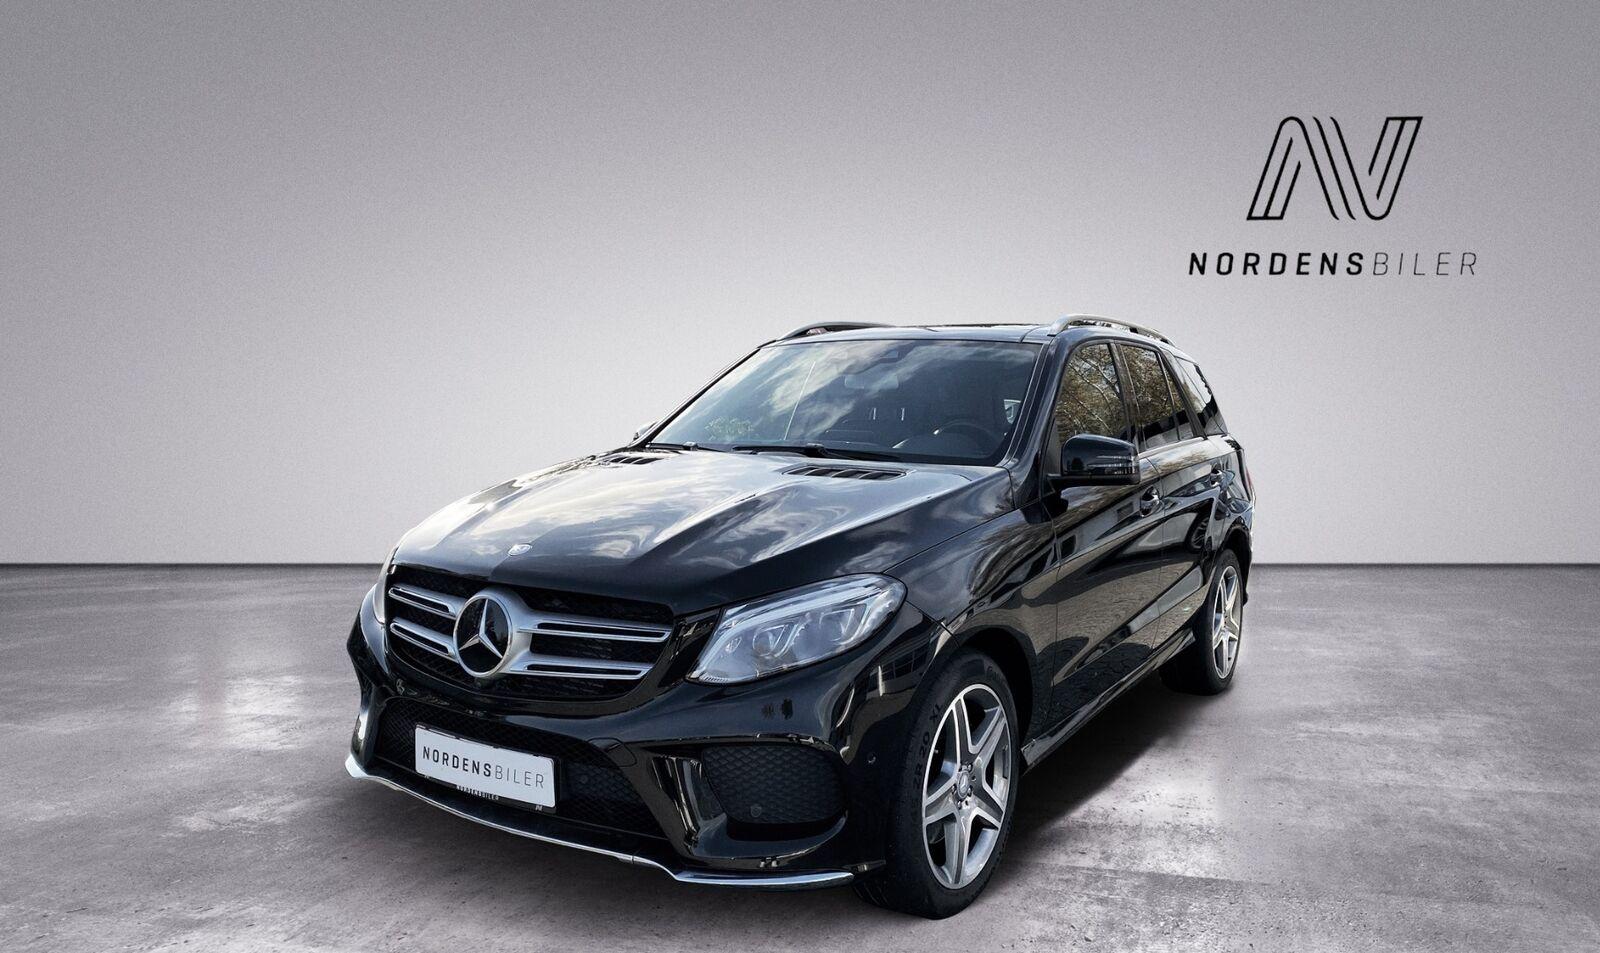 Mercedes GLE350 d 3,0 AMG Line aut. 4-M 5d - 3.764 kr.